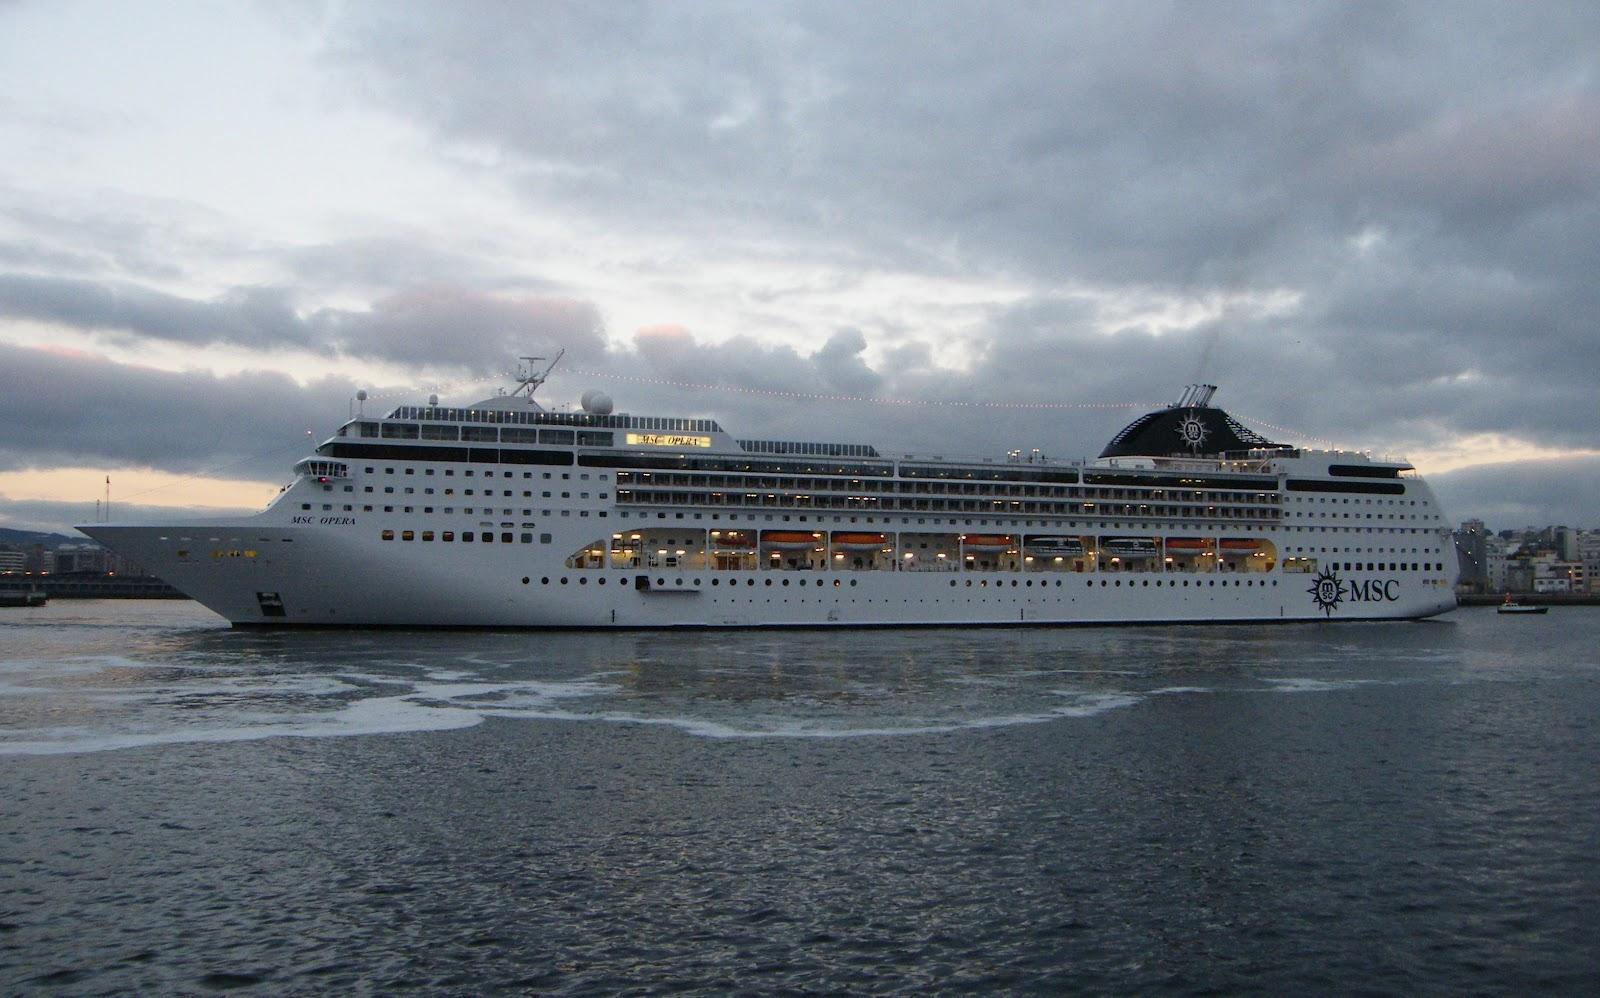 Cruceros en la ciudad de cristal el barco del mes - Mes del crucero ...